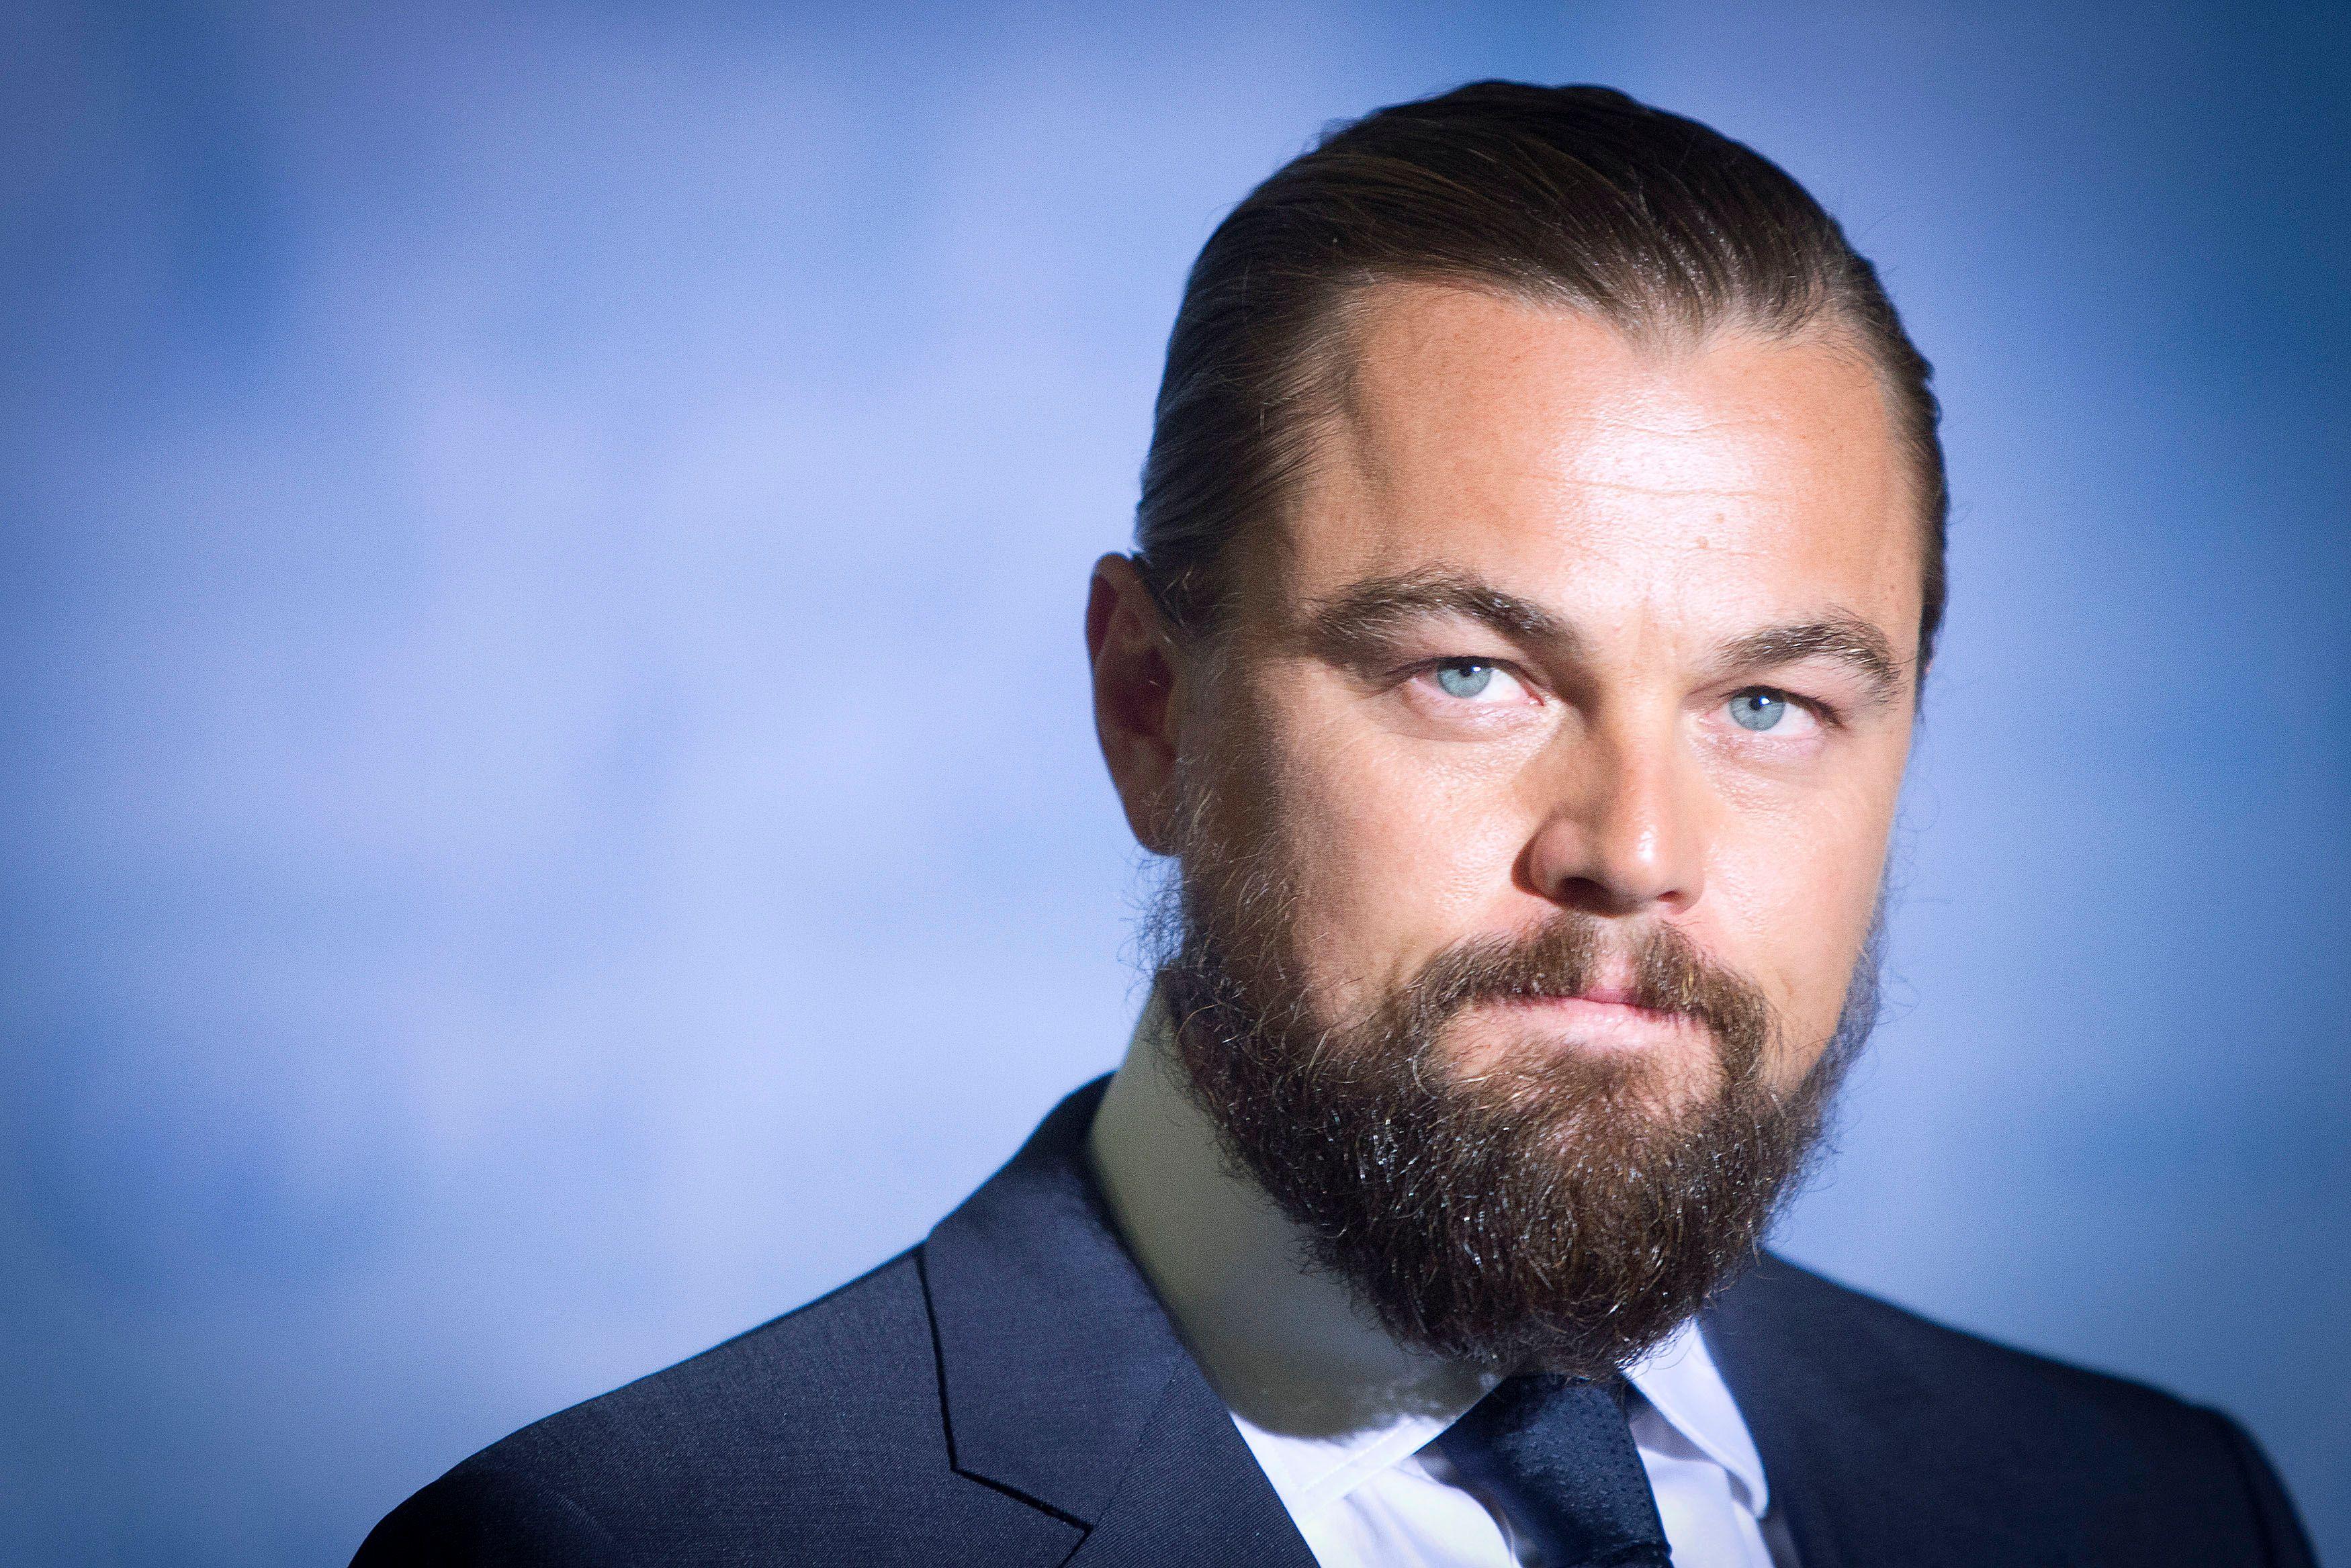 30 millions d'euros récoltés en 3 heures pour la recherche contre le sida, grâce à Leonardo DiCaprio et Eva Longoria